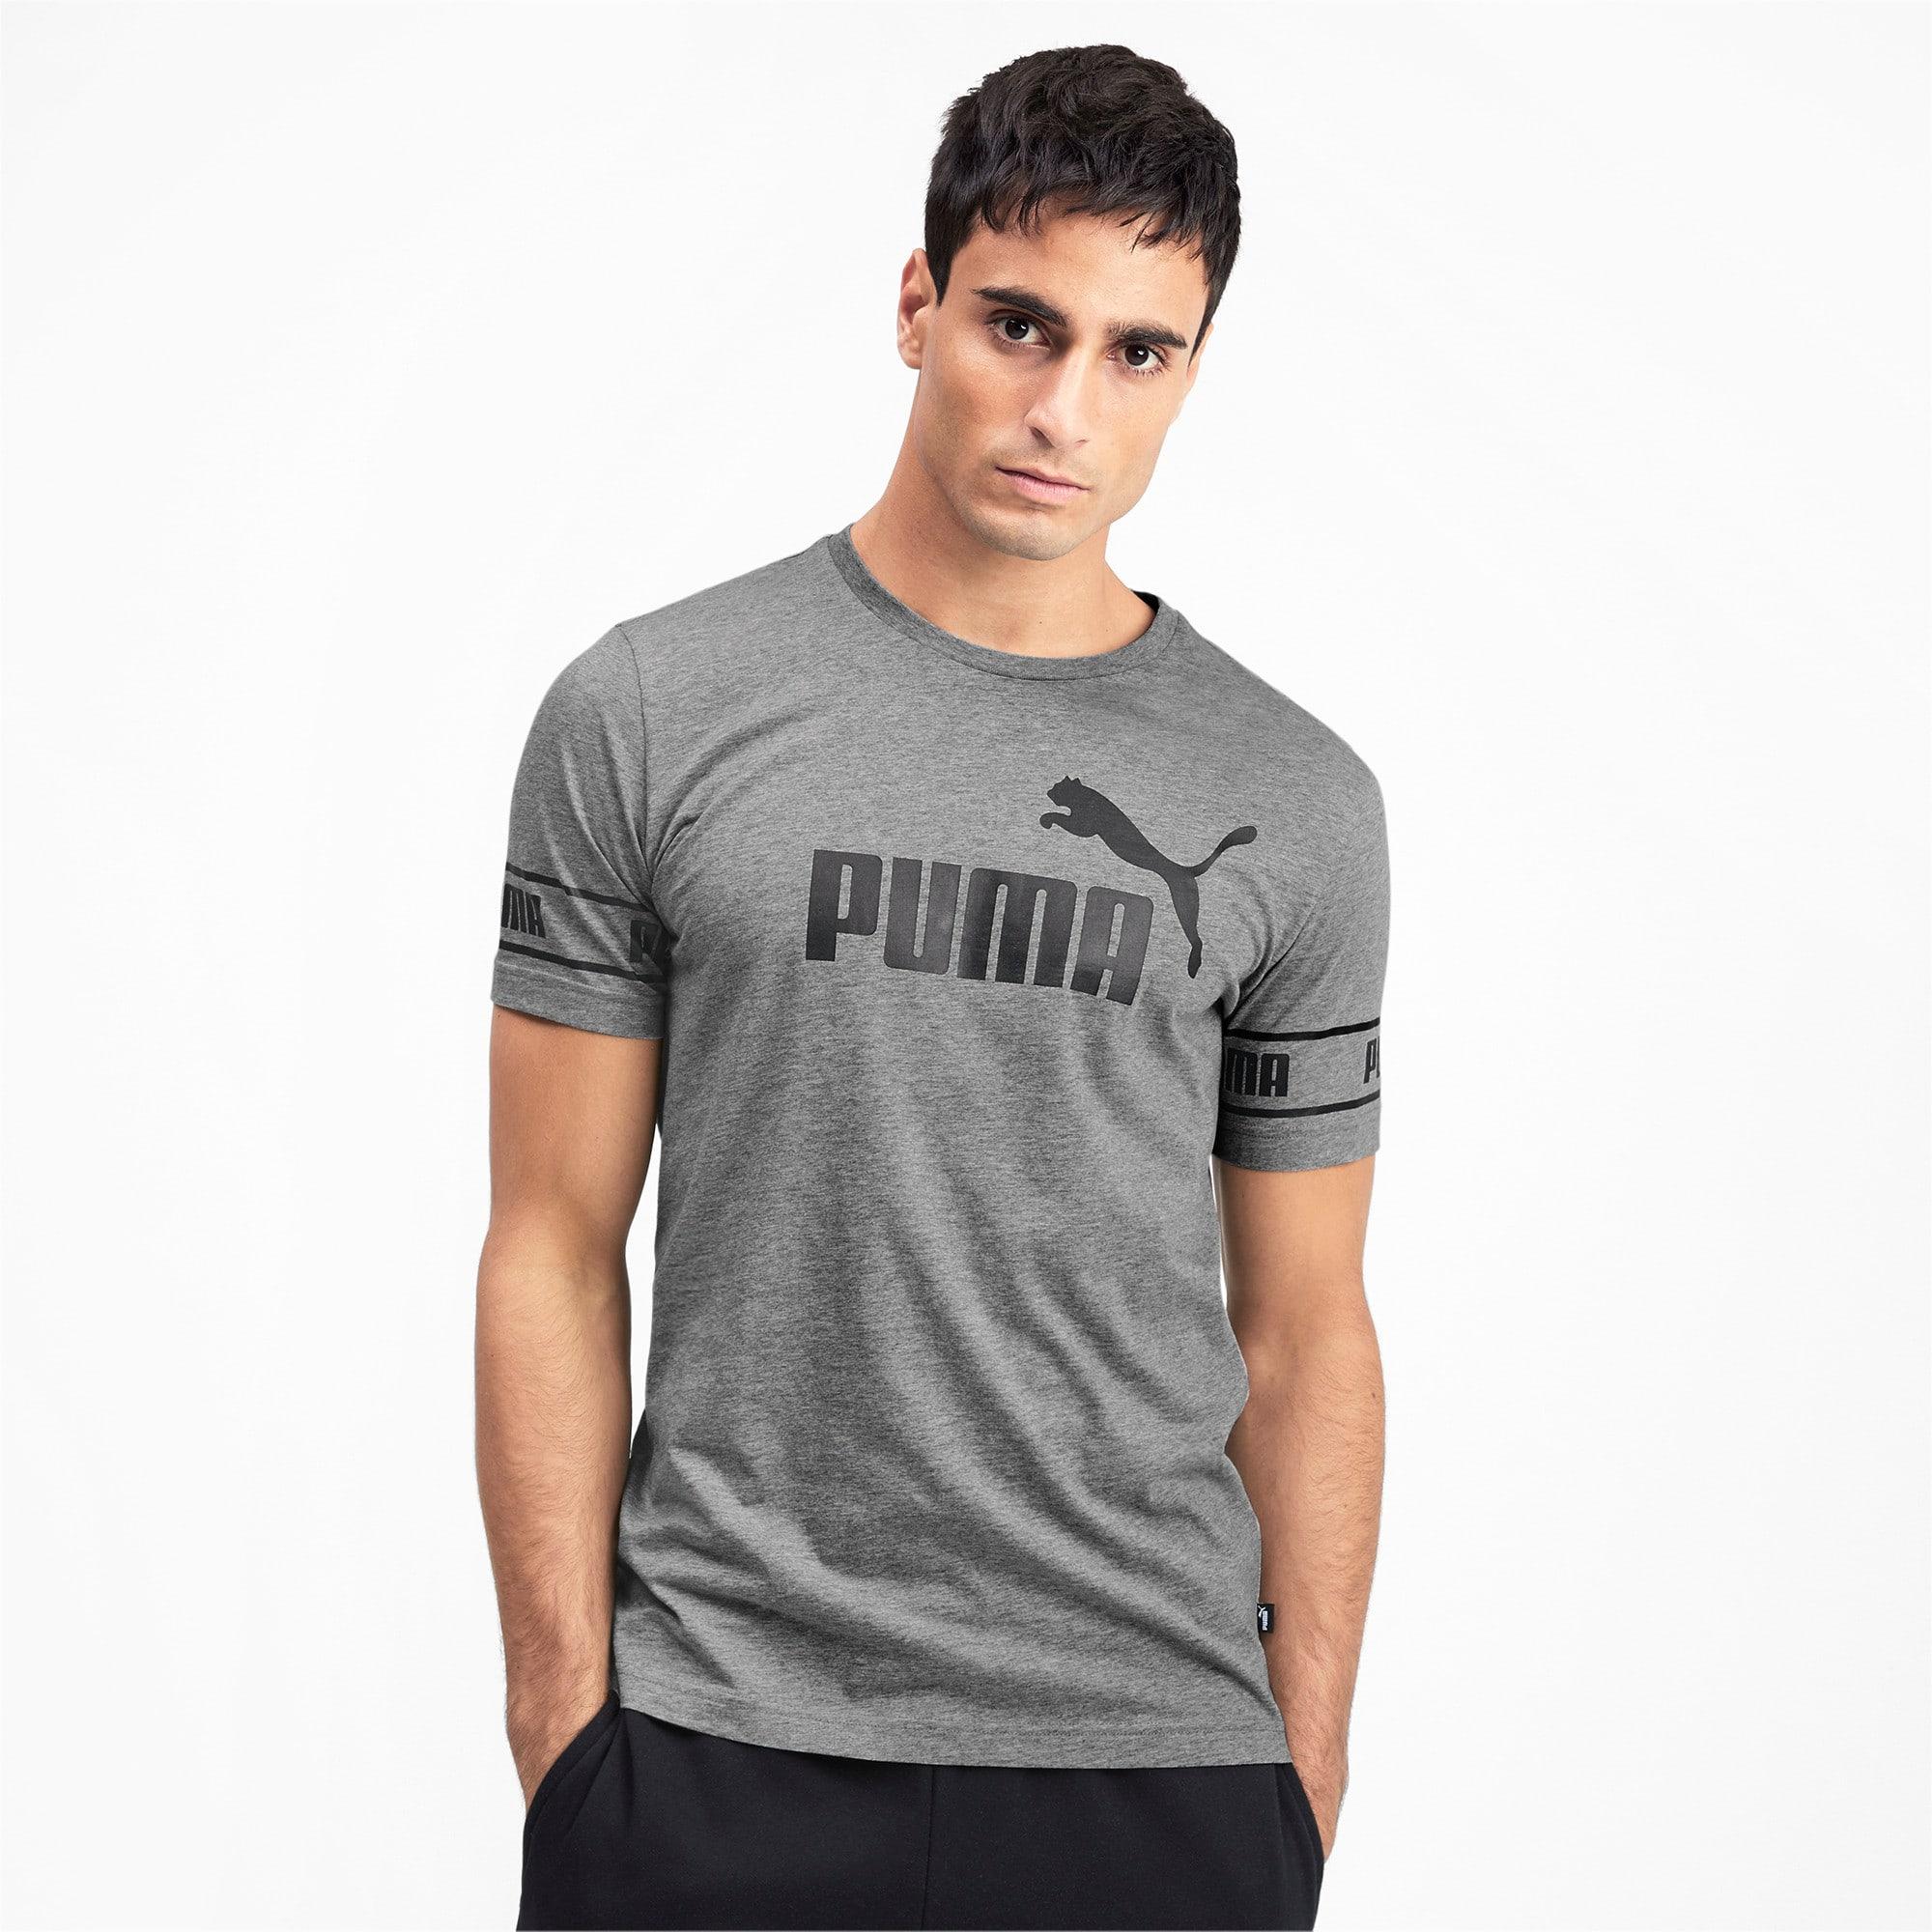 Thumbnail 1 of Meska koszulka Amplified, Medium Gray Heather, medium